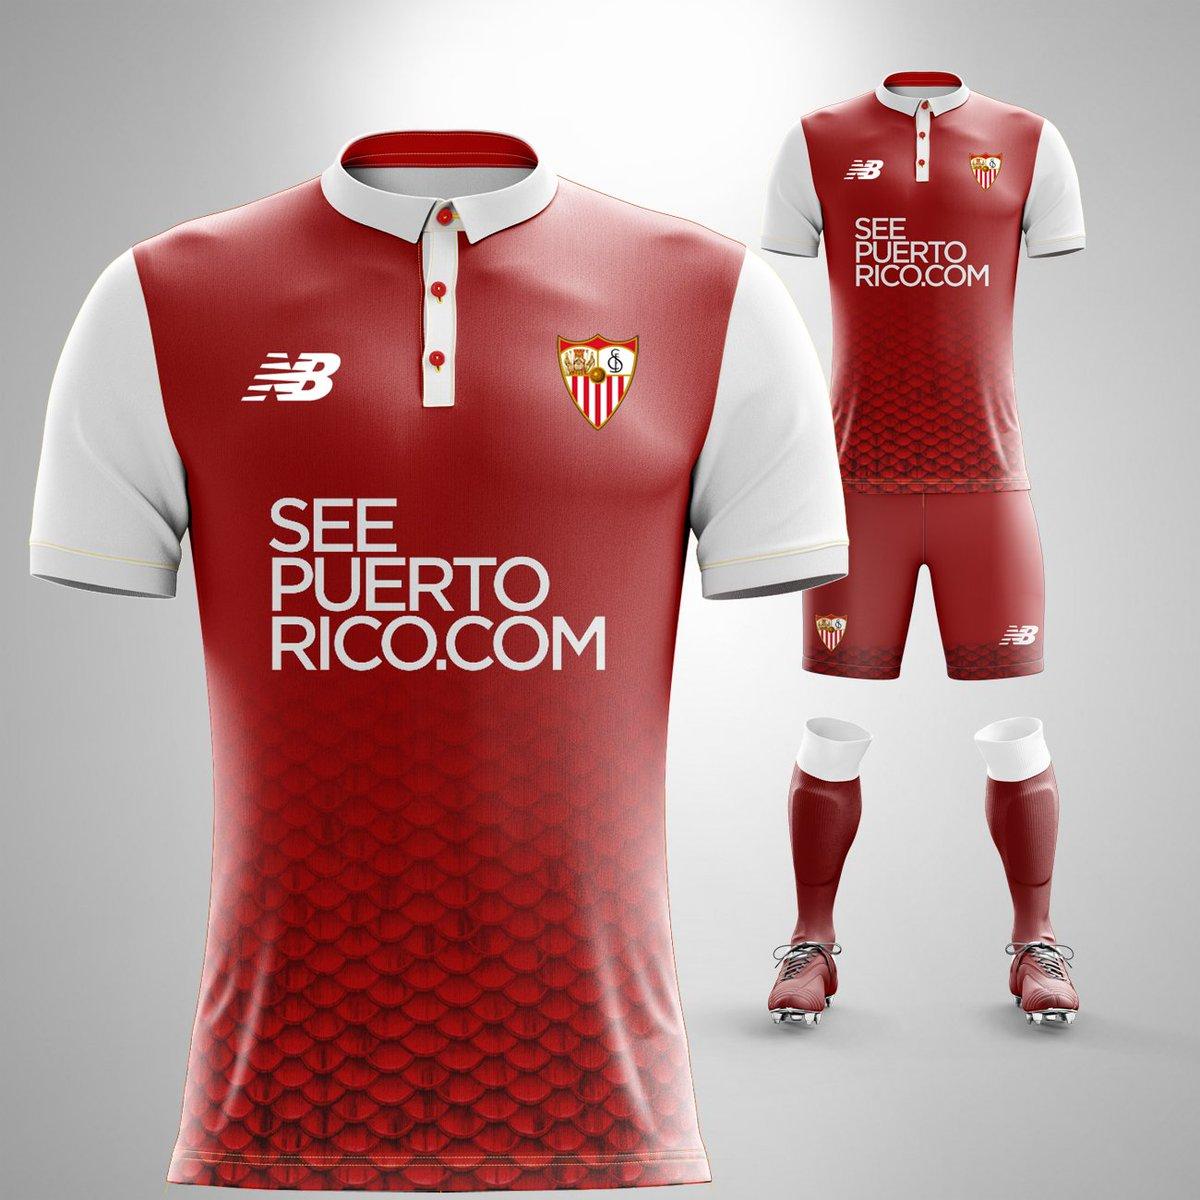 segunda equipacion Sevilla FC nuevo